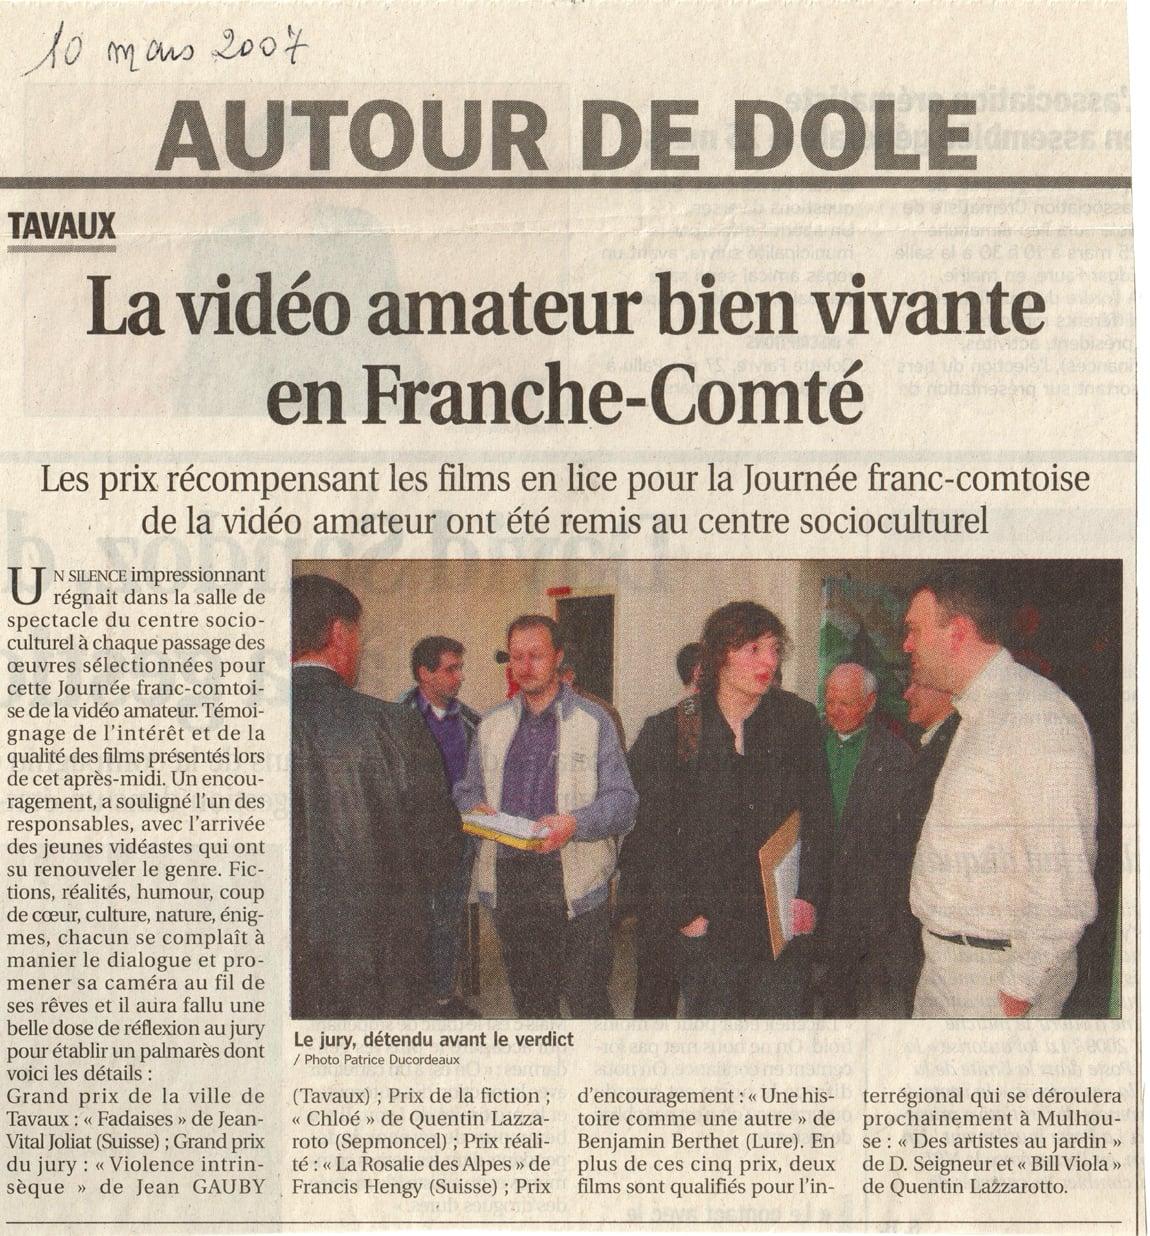 La vidéo amateur bien vivante en Franche-Comté